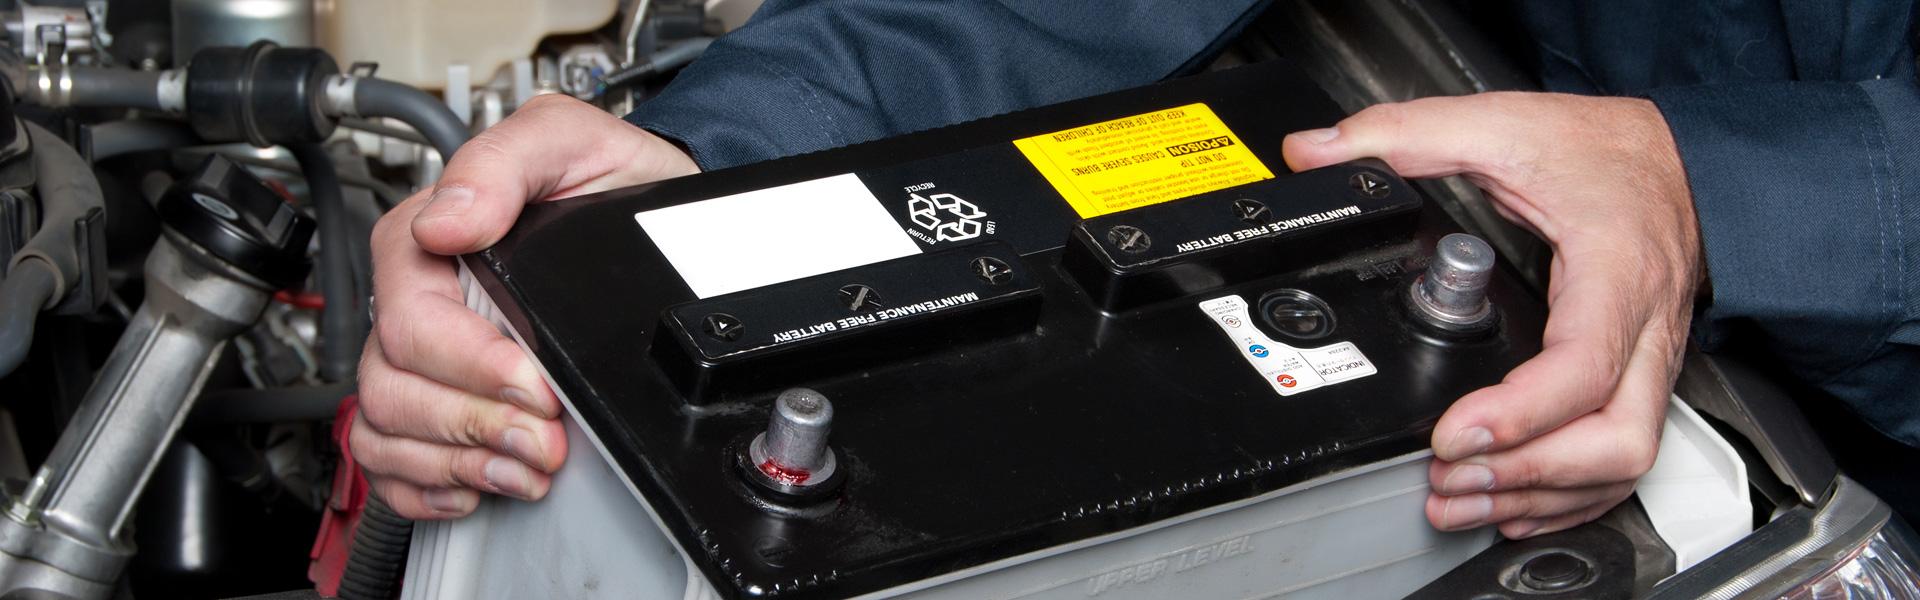 udskiftning af bil battery